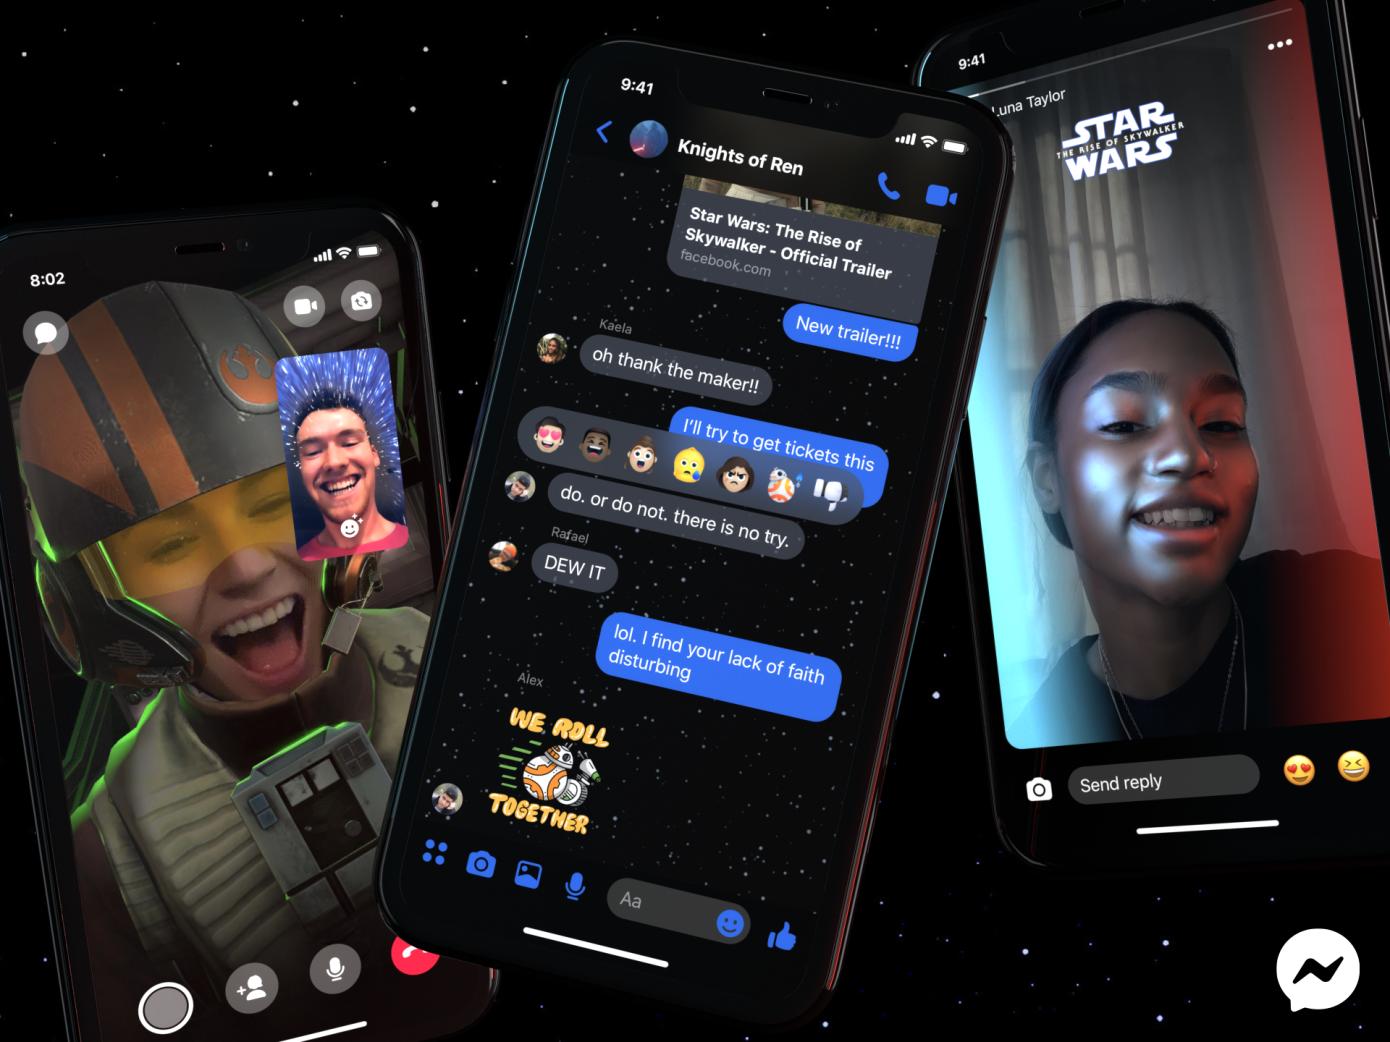 Facebook Messenger agrega funciones temáticas de Star Wars y efectos AR